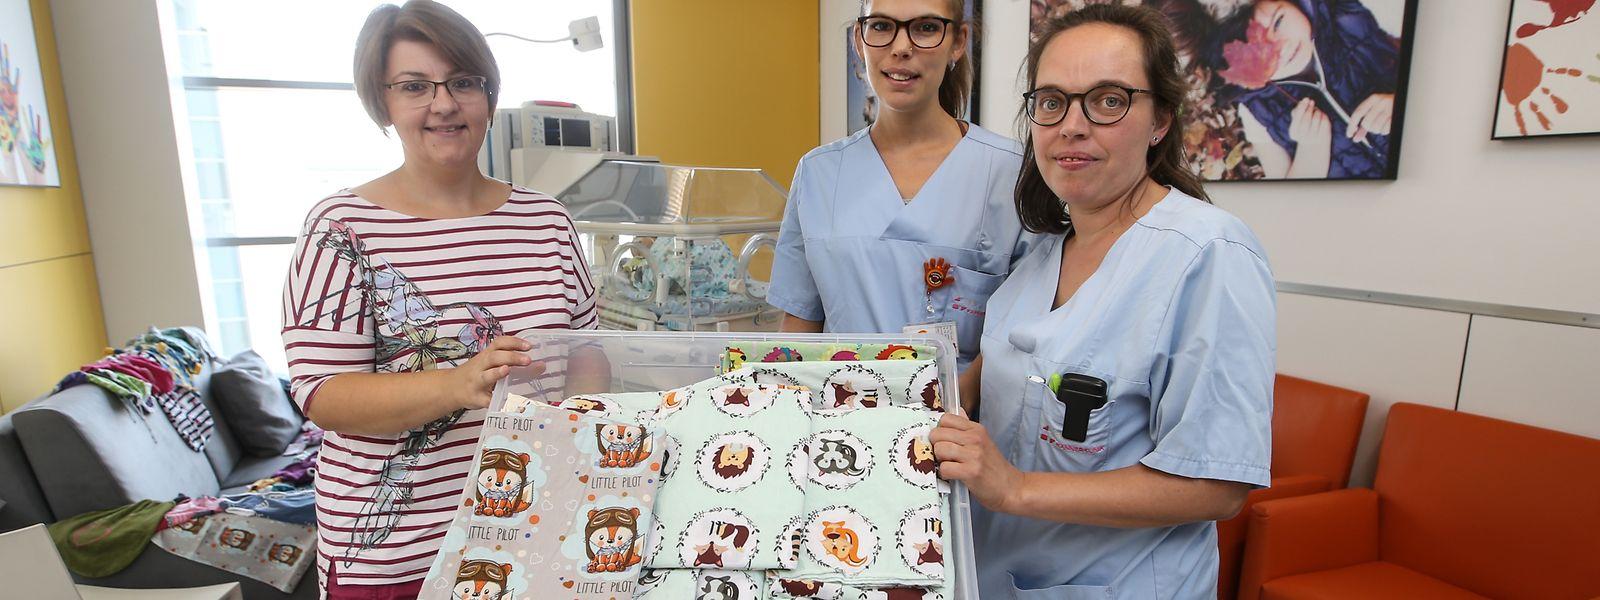 Nadine Zeitz-Mousel und die Kinderkrankenschwestern Nathalie Lux und Barbara Tasch (v.l.n.r.) aus dem CHL mit einer Kiste voller neuer Babydecken.